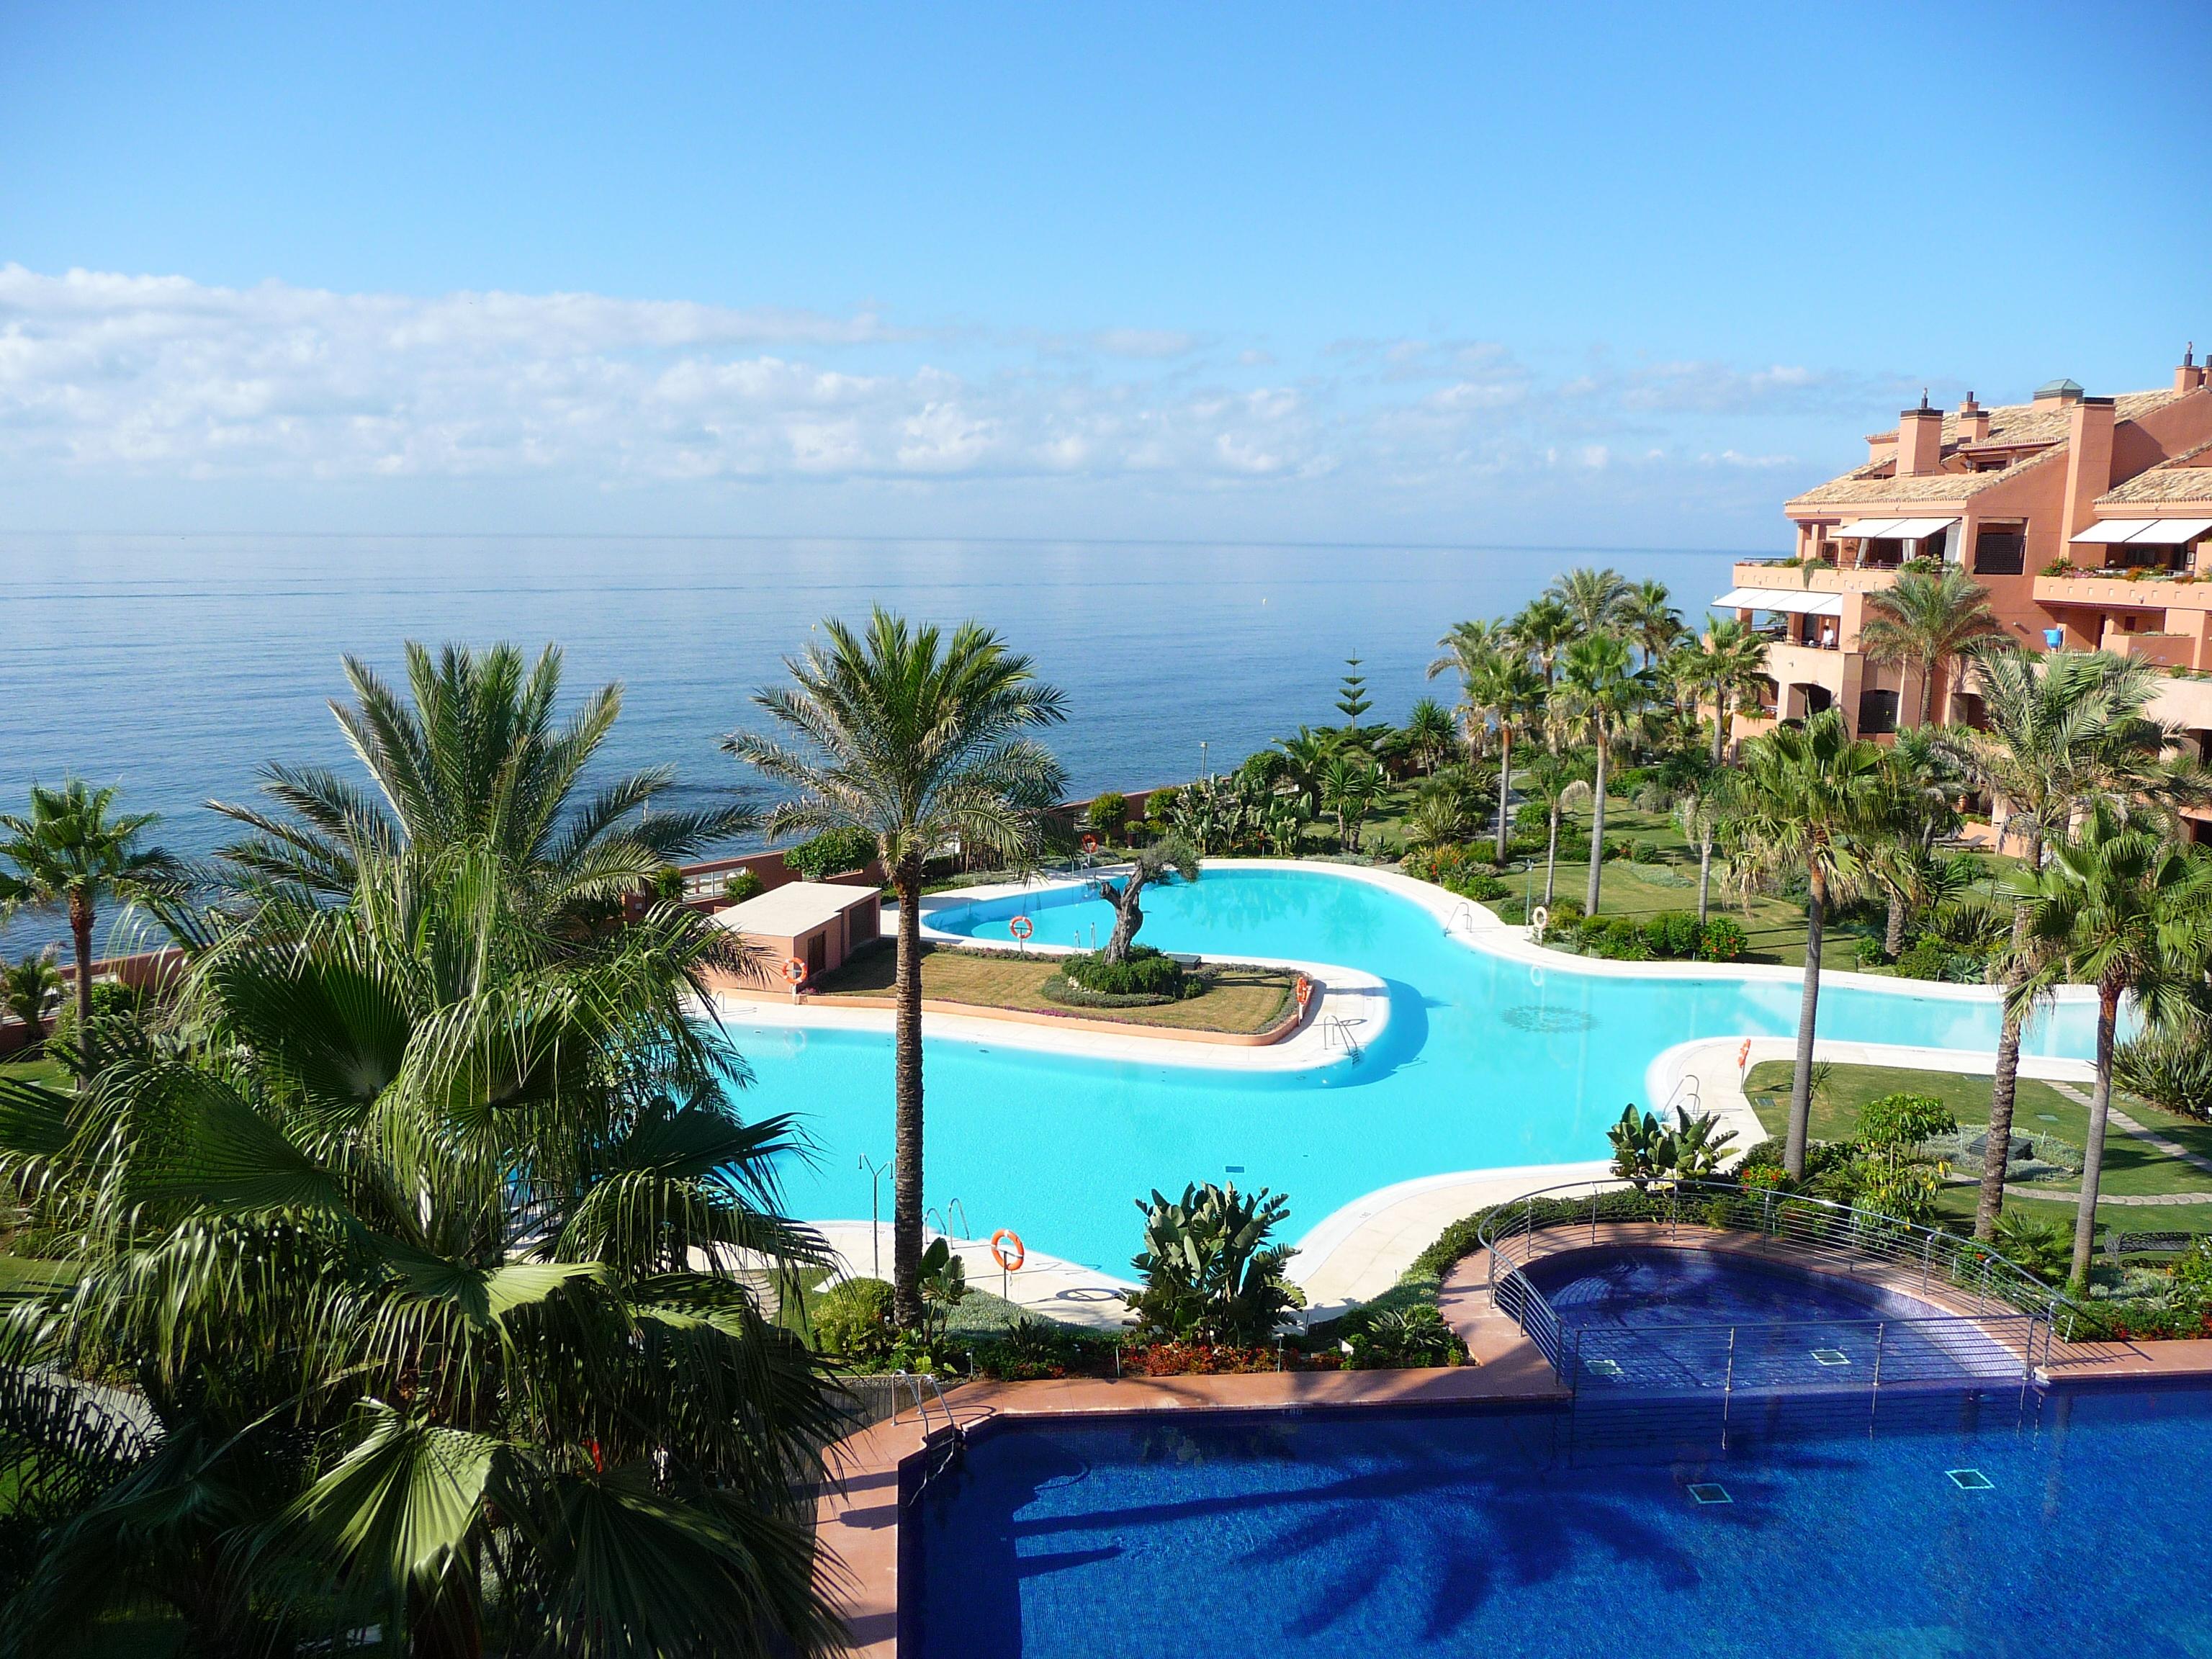 Le secteur immobilier de Marbella connaît une tendance à la hausse